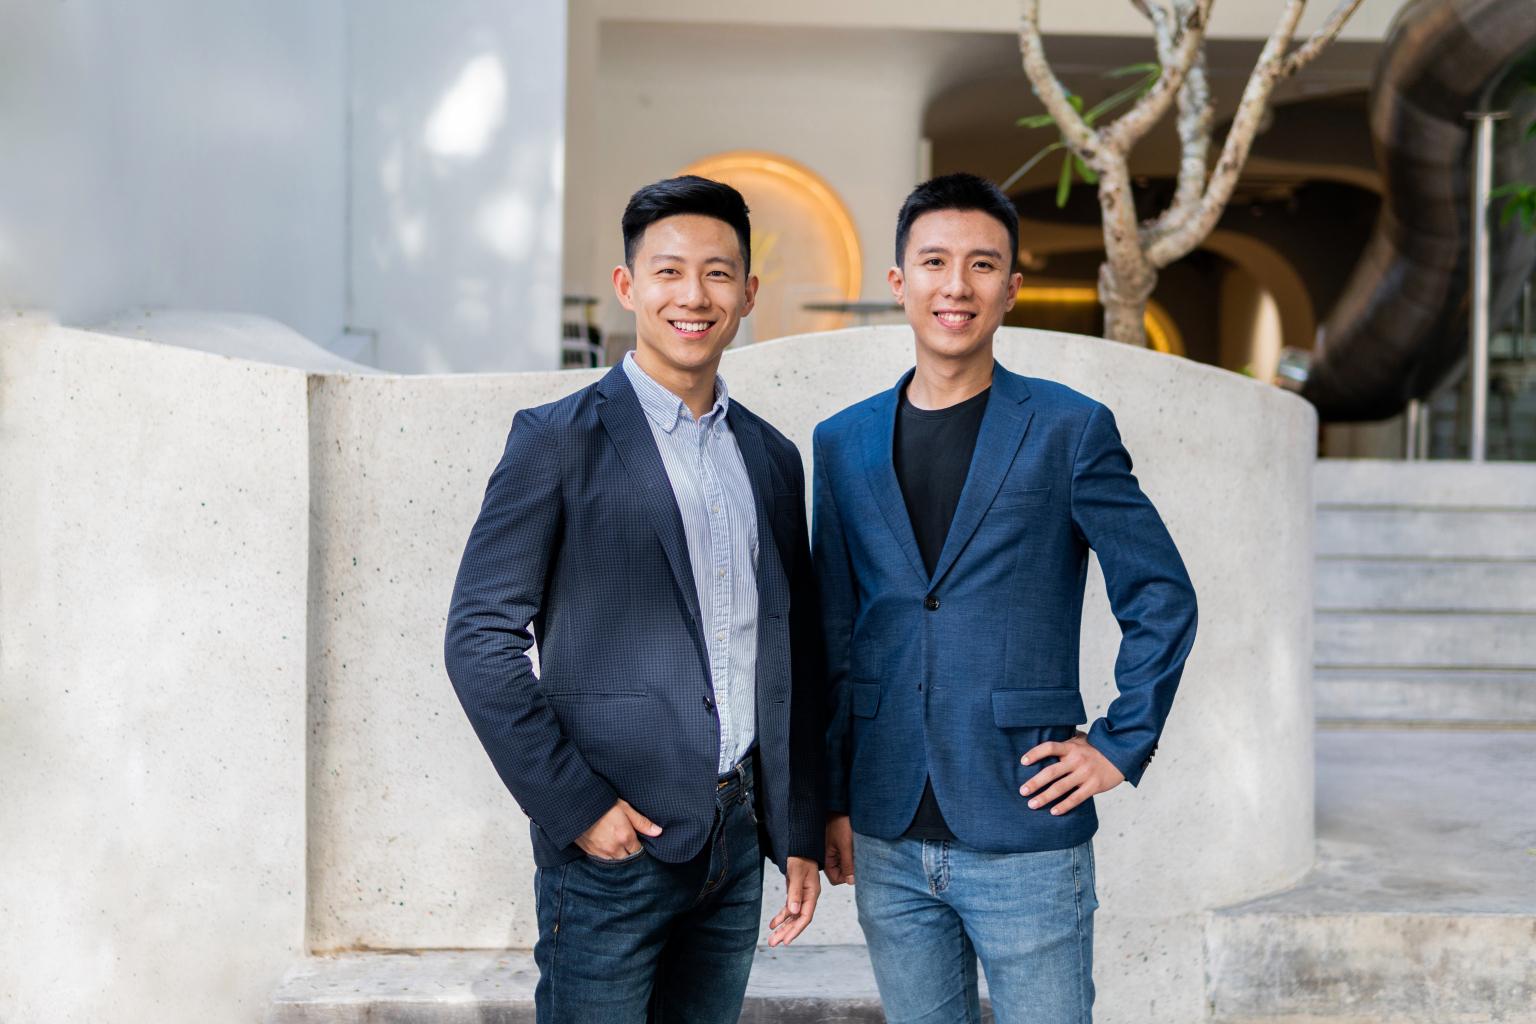 Những người đồng sáng lập Homebase là Phillip An và Junyuan Tan